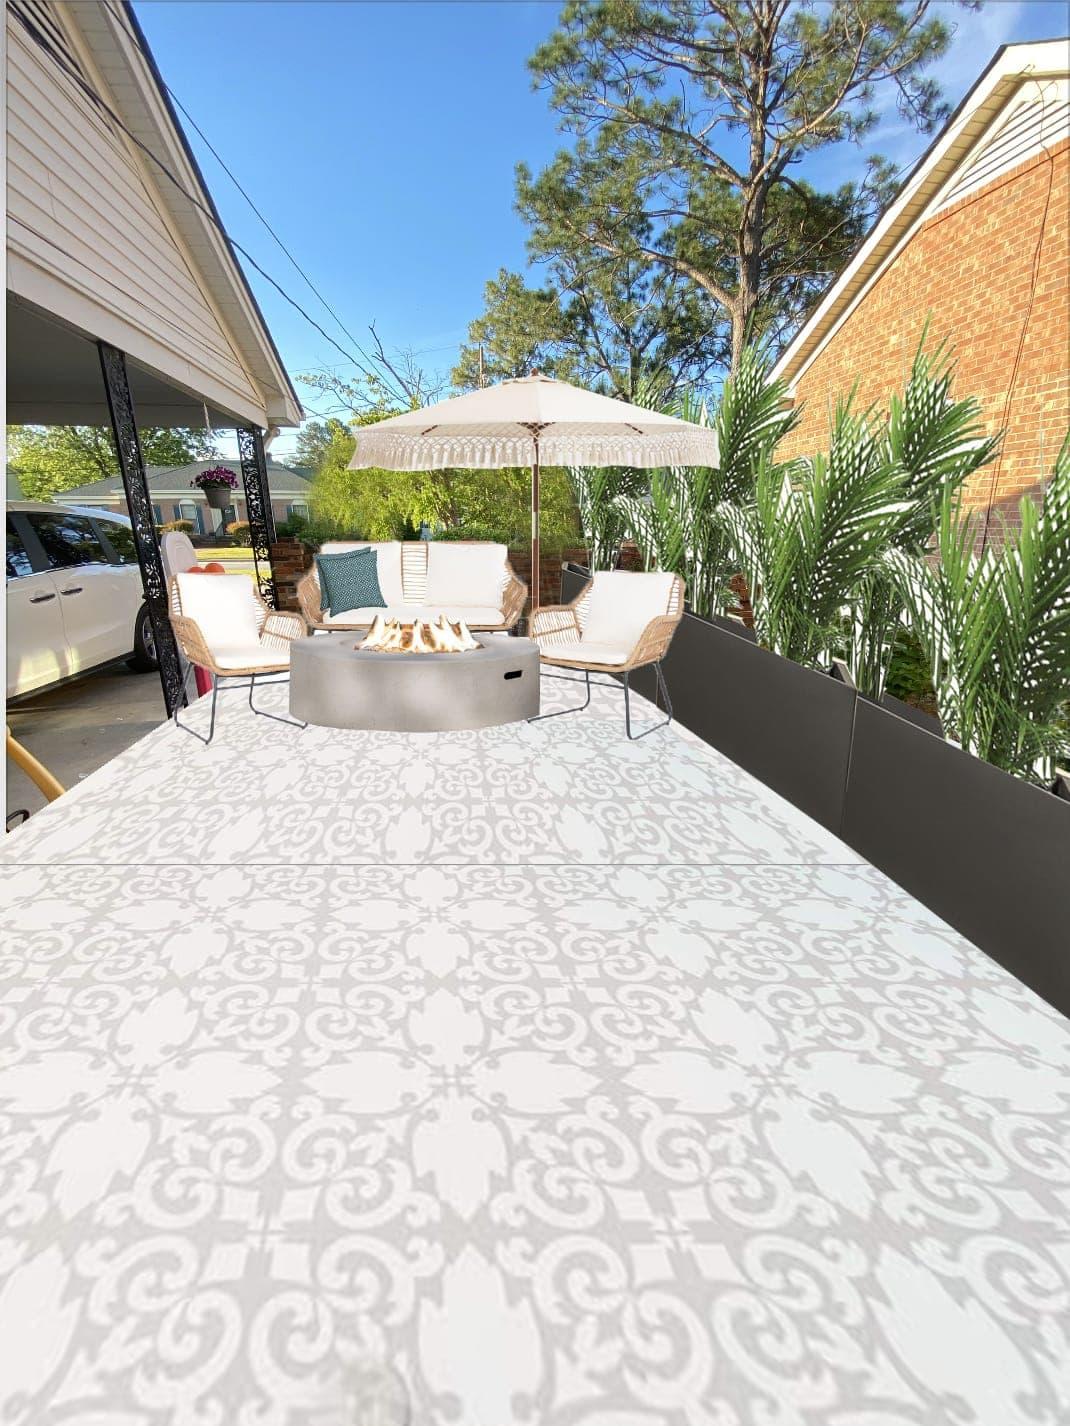 How to transform a concrete patio